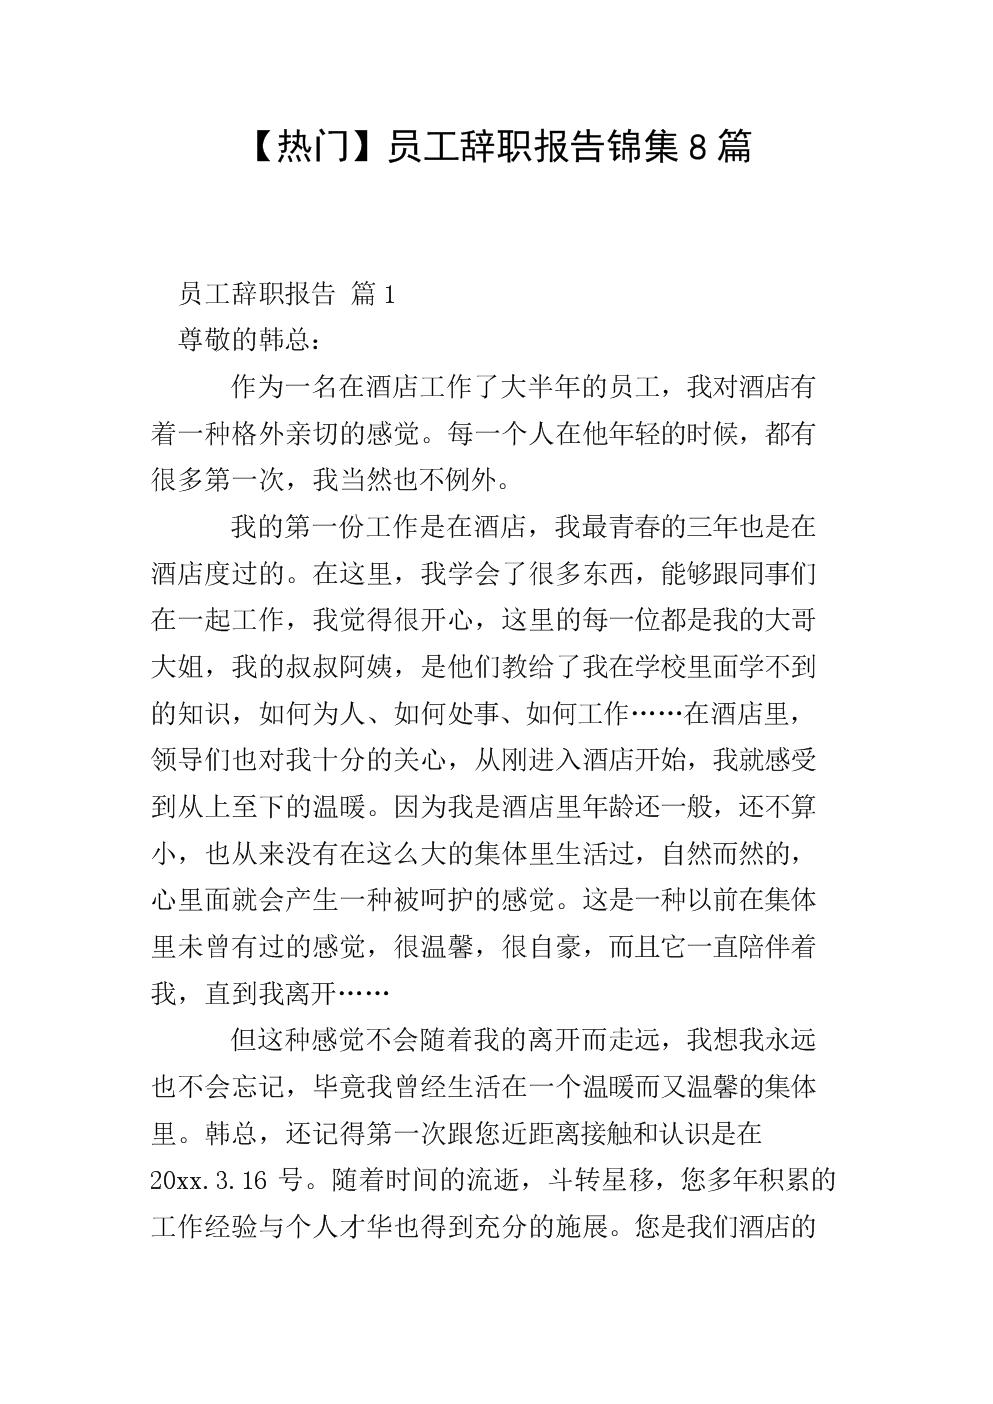 【热门】员工辞职报告锦集8篇.doc